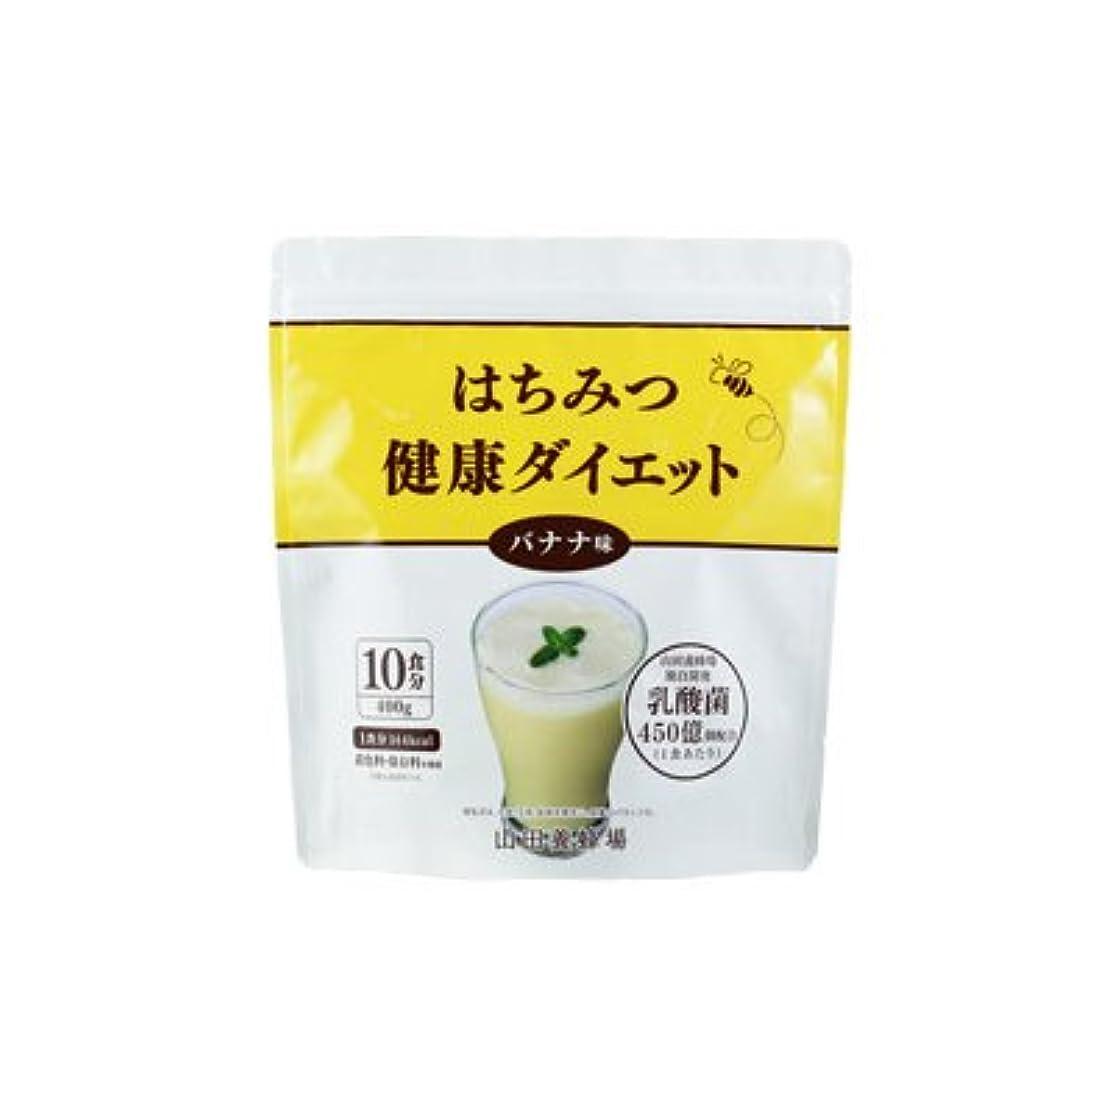 スペアティームリルはちみつ健康ダイエット 【バナナ味】400g(10食分)